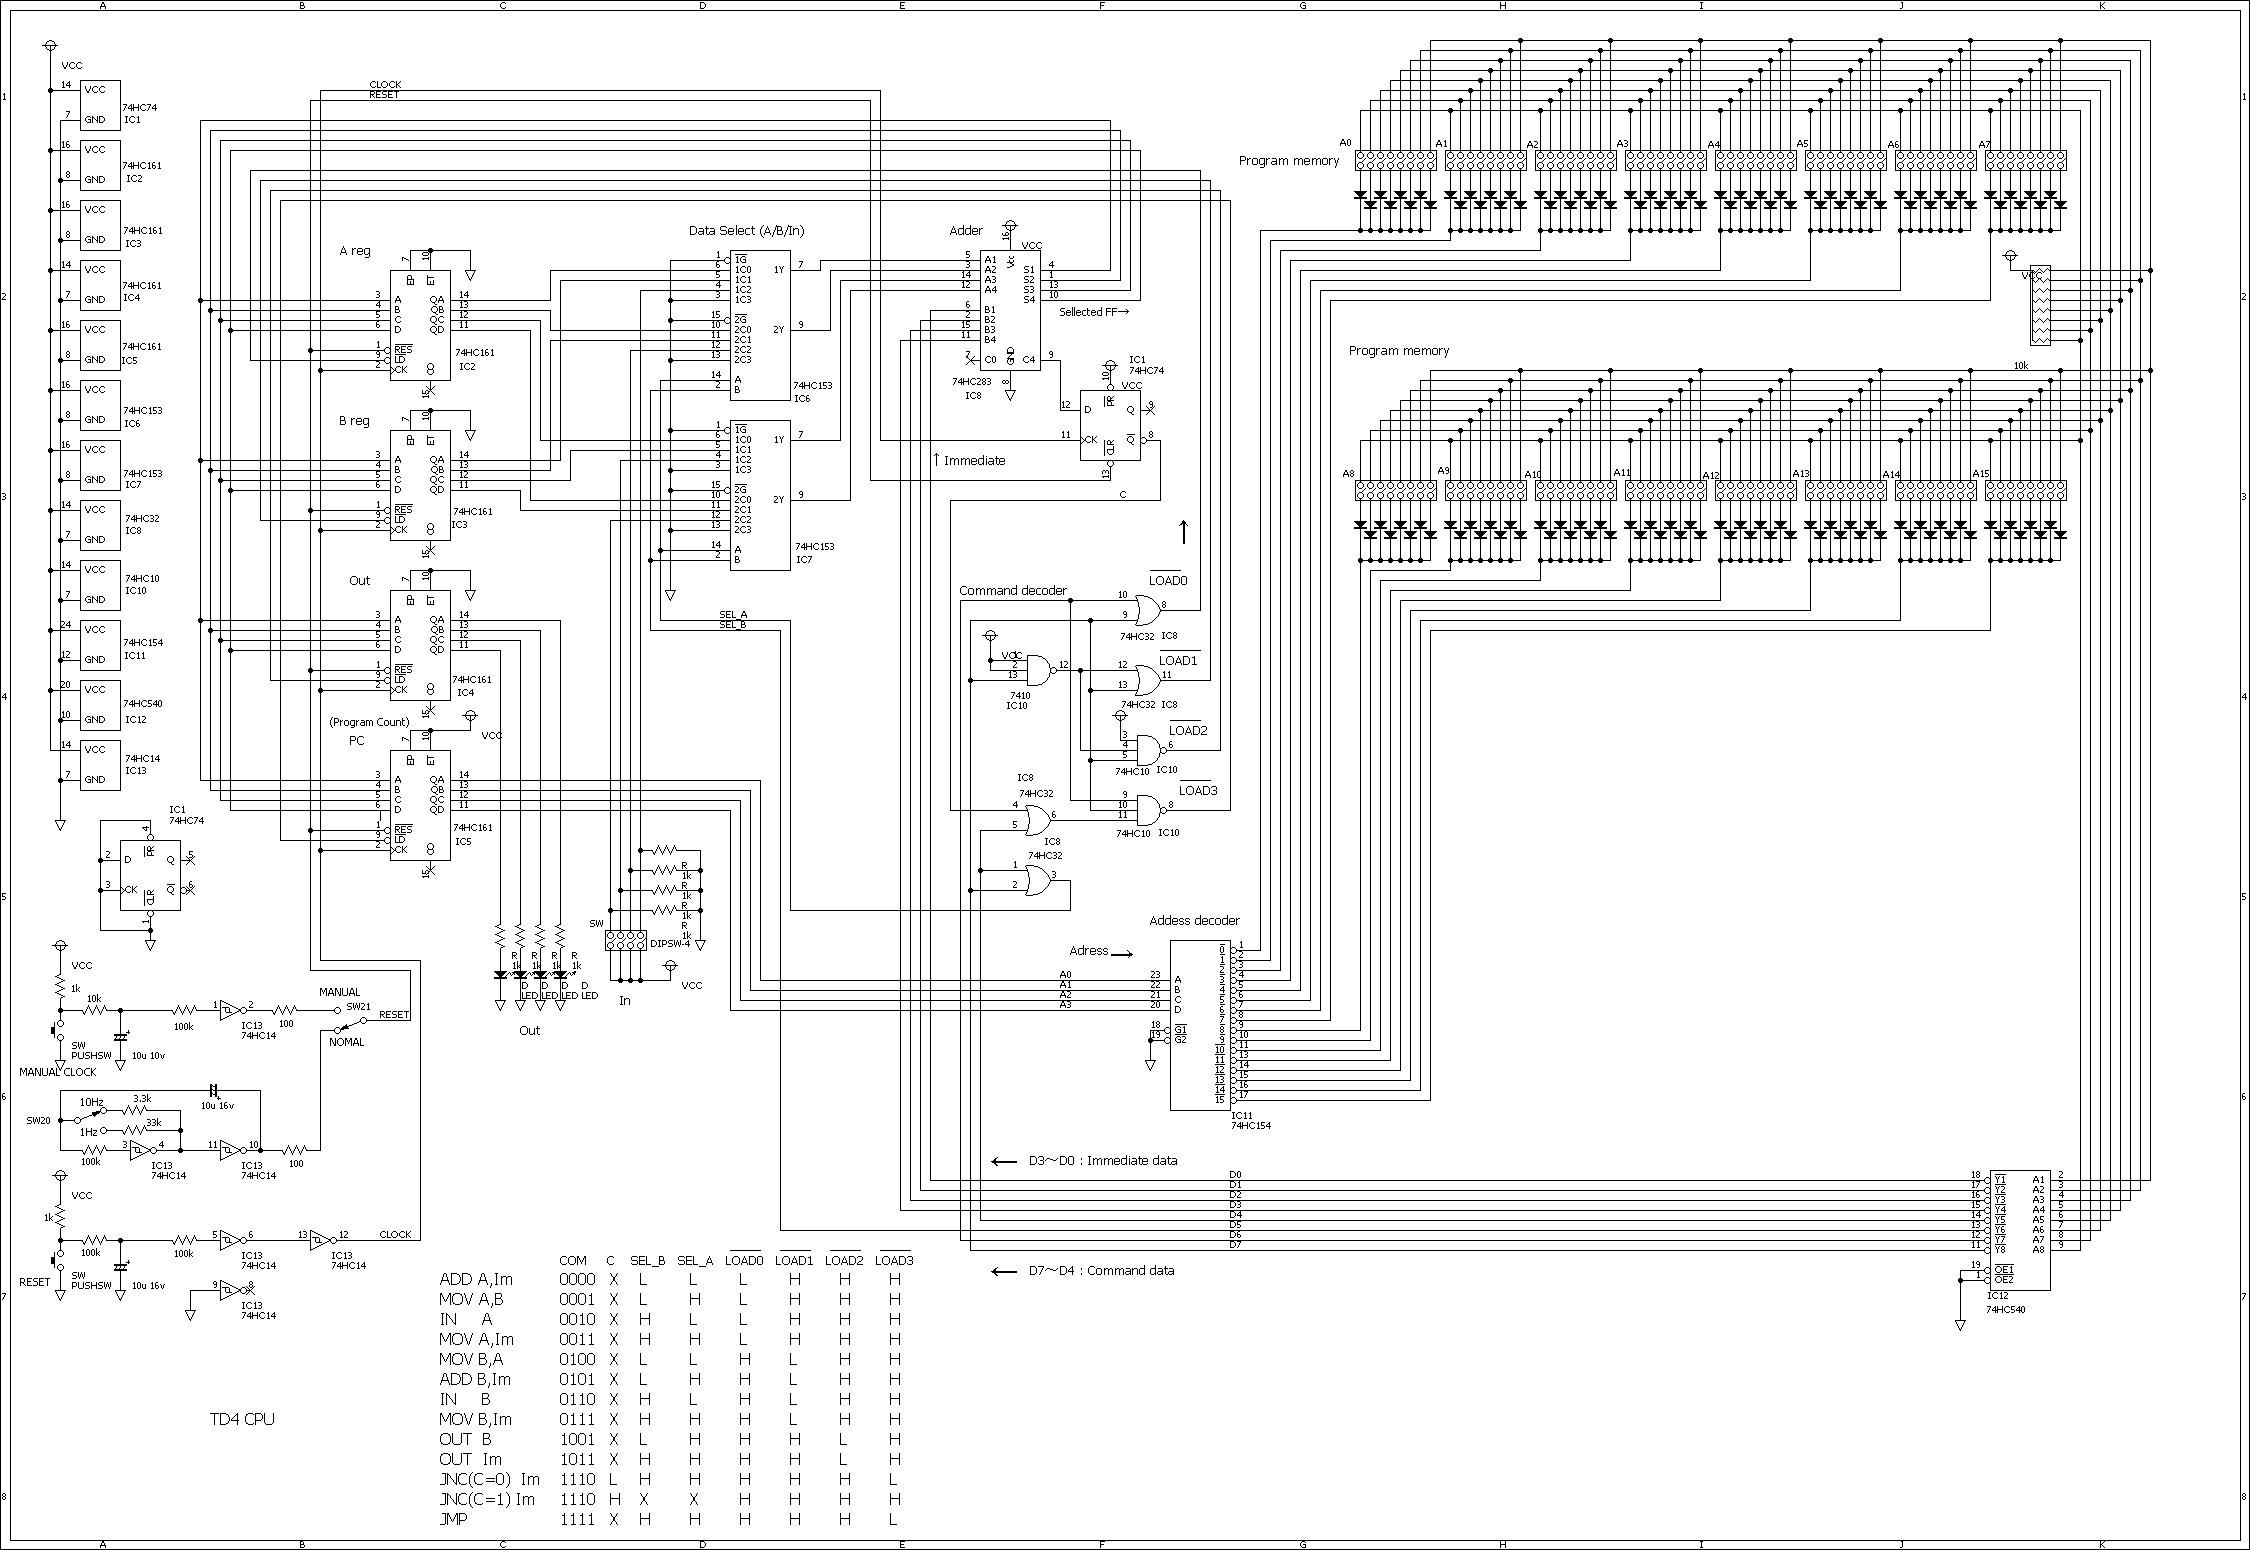 CPU_TD4